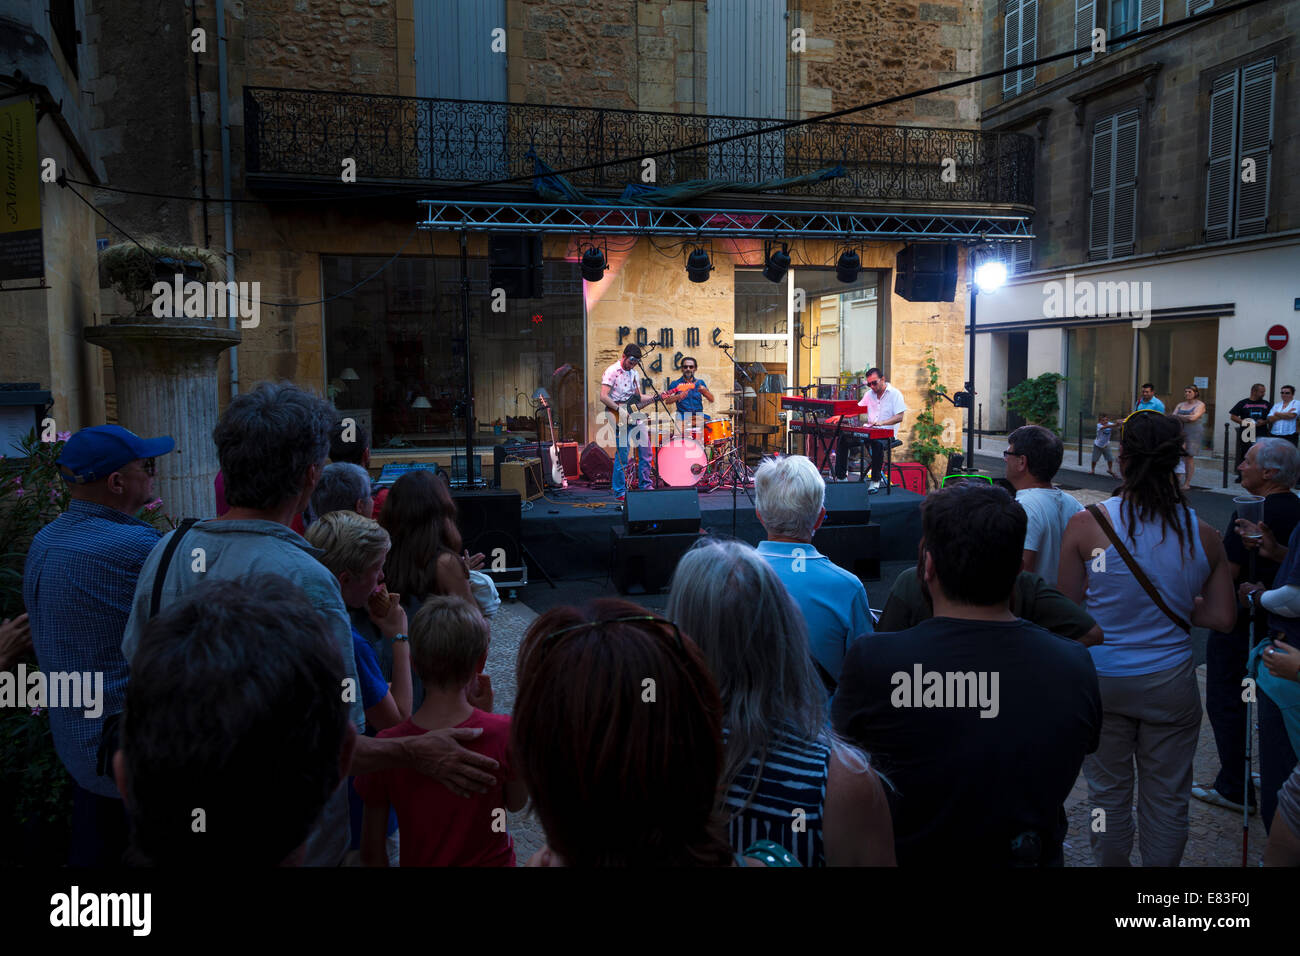 A la audiencia de la banda tocando en las calles de Bergerac durante junio festival de música. Imagen De Stock